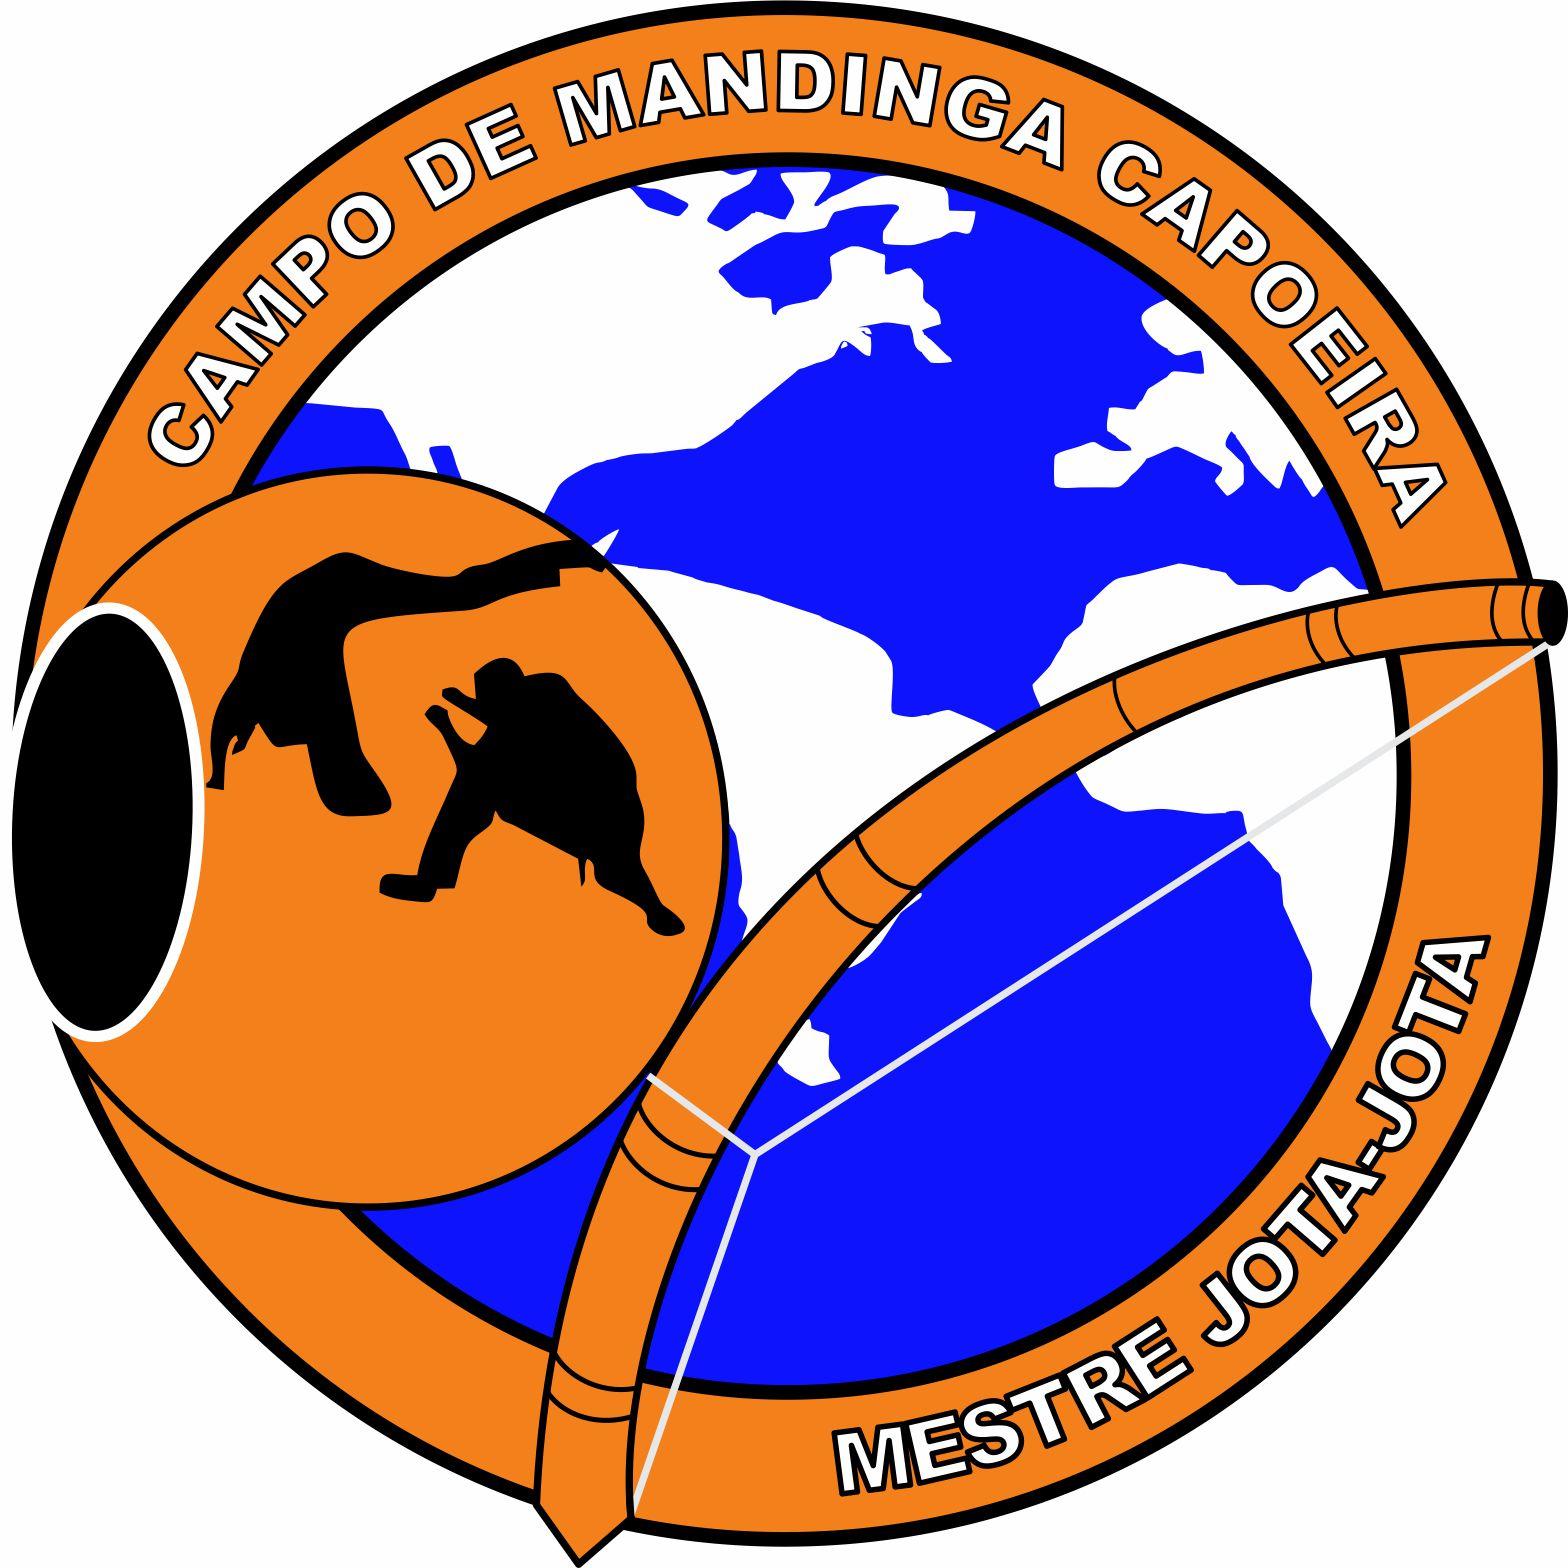 Escola Campo de Mandinga Capoeira